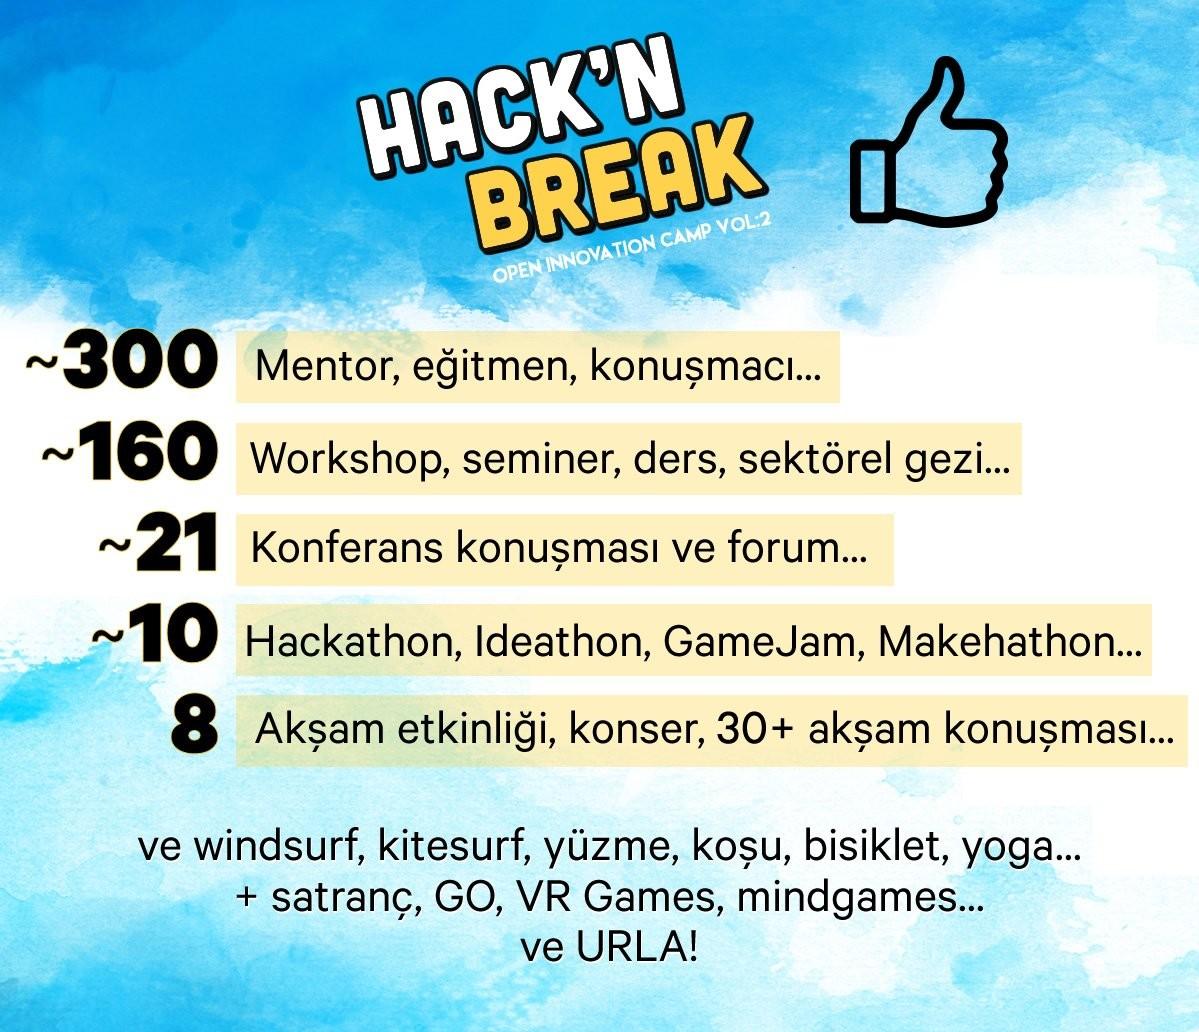 http://hacknbreak.com/wp-content/uploads/2017/11/hacknbreak3.jpg